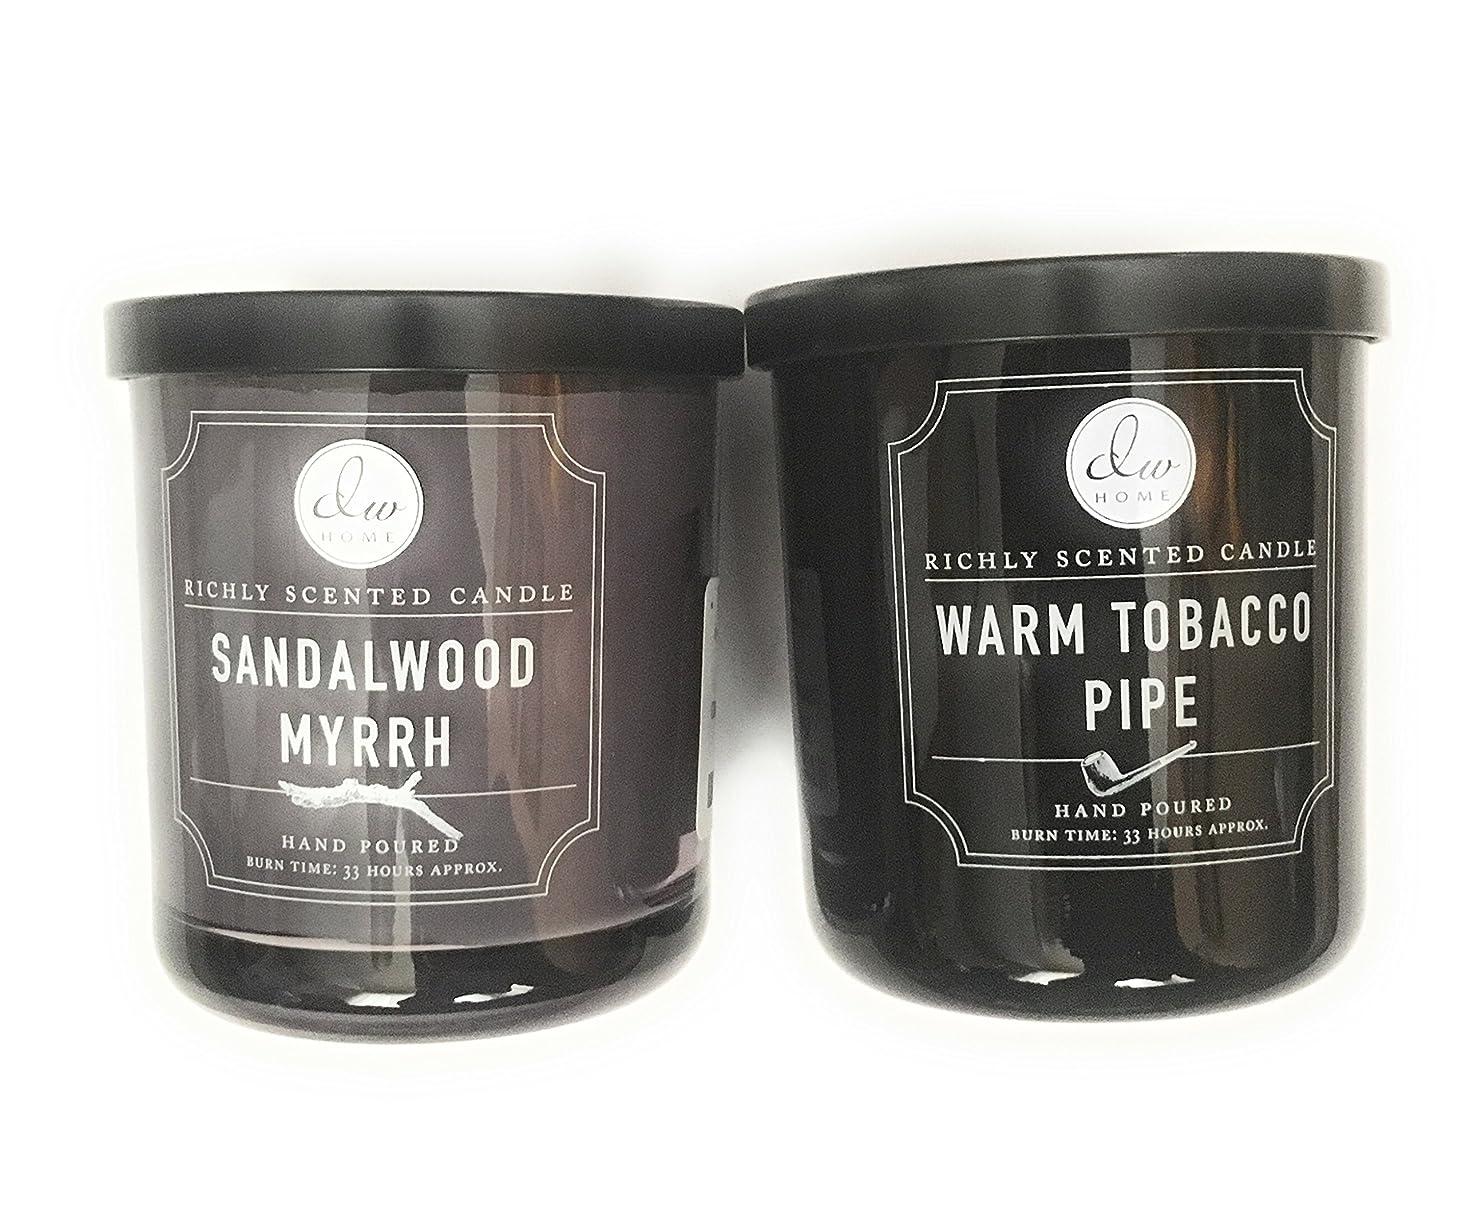 セーブ飛行場同種のDW Home Candle Bundle with a Warm Tobacco Pipe (290ml) Candle and a Sandalwood and Myrrh (290ml) Candle (2 items)